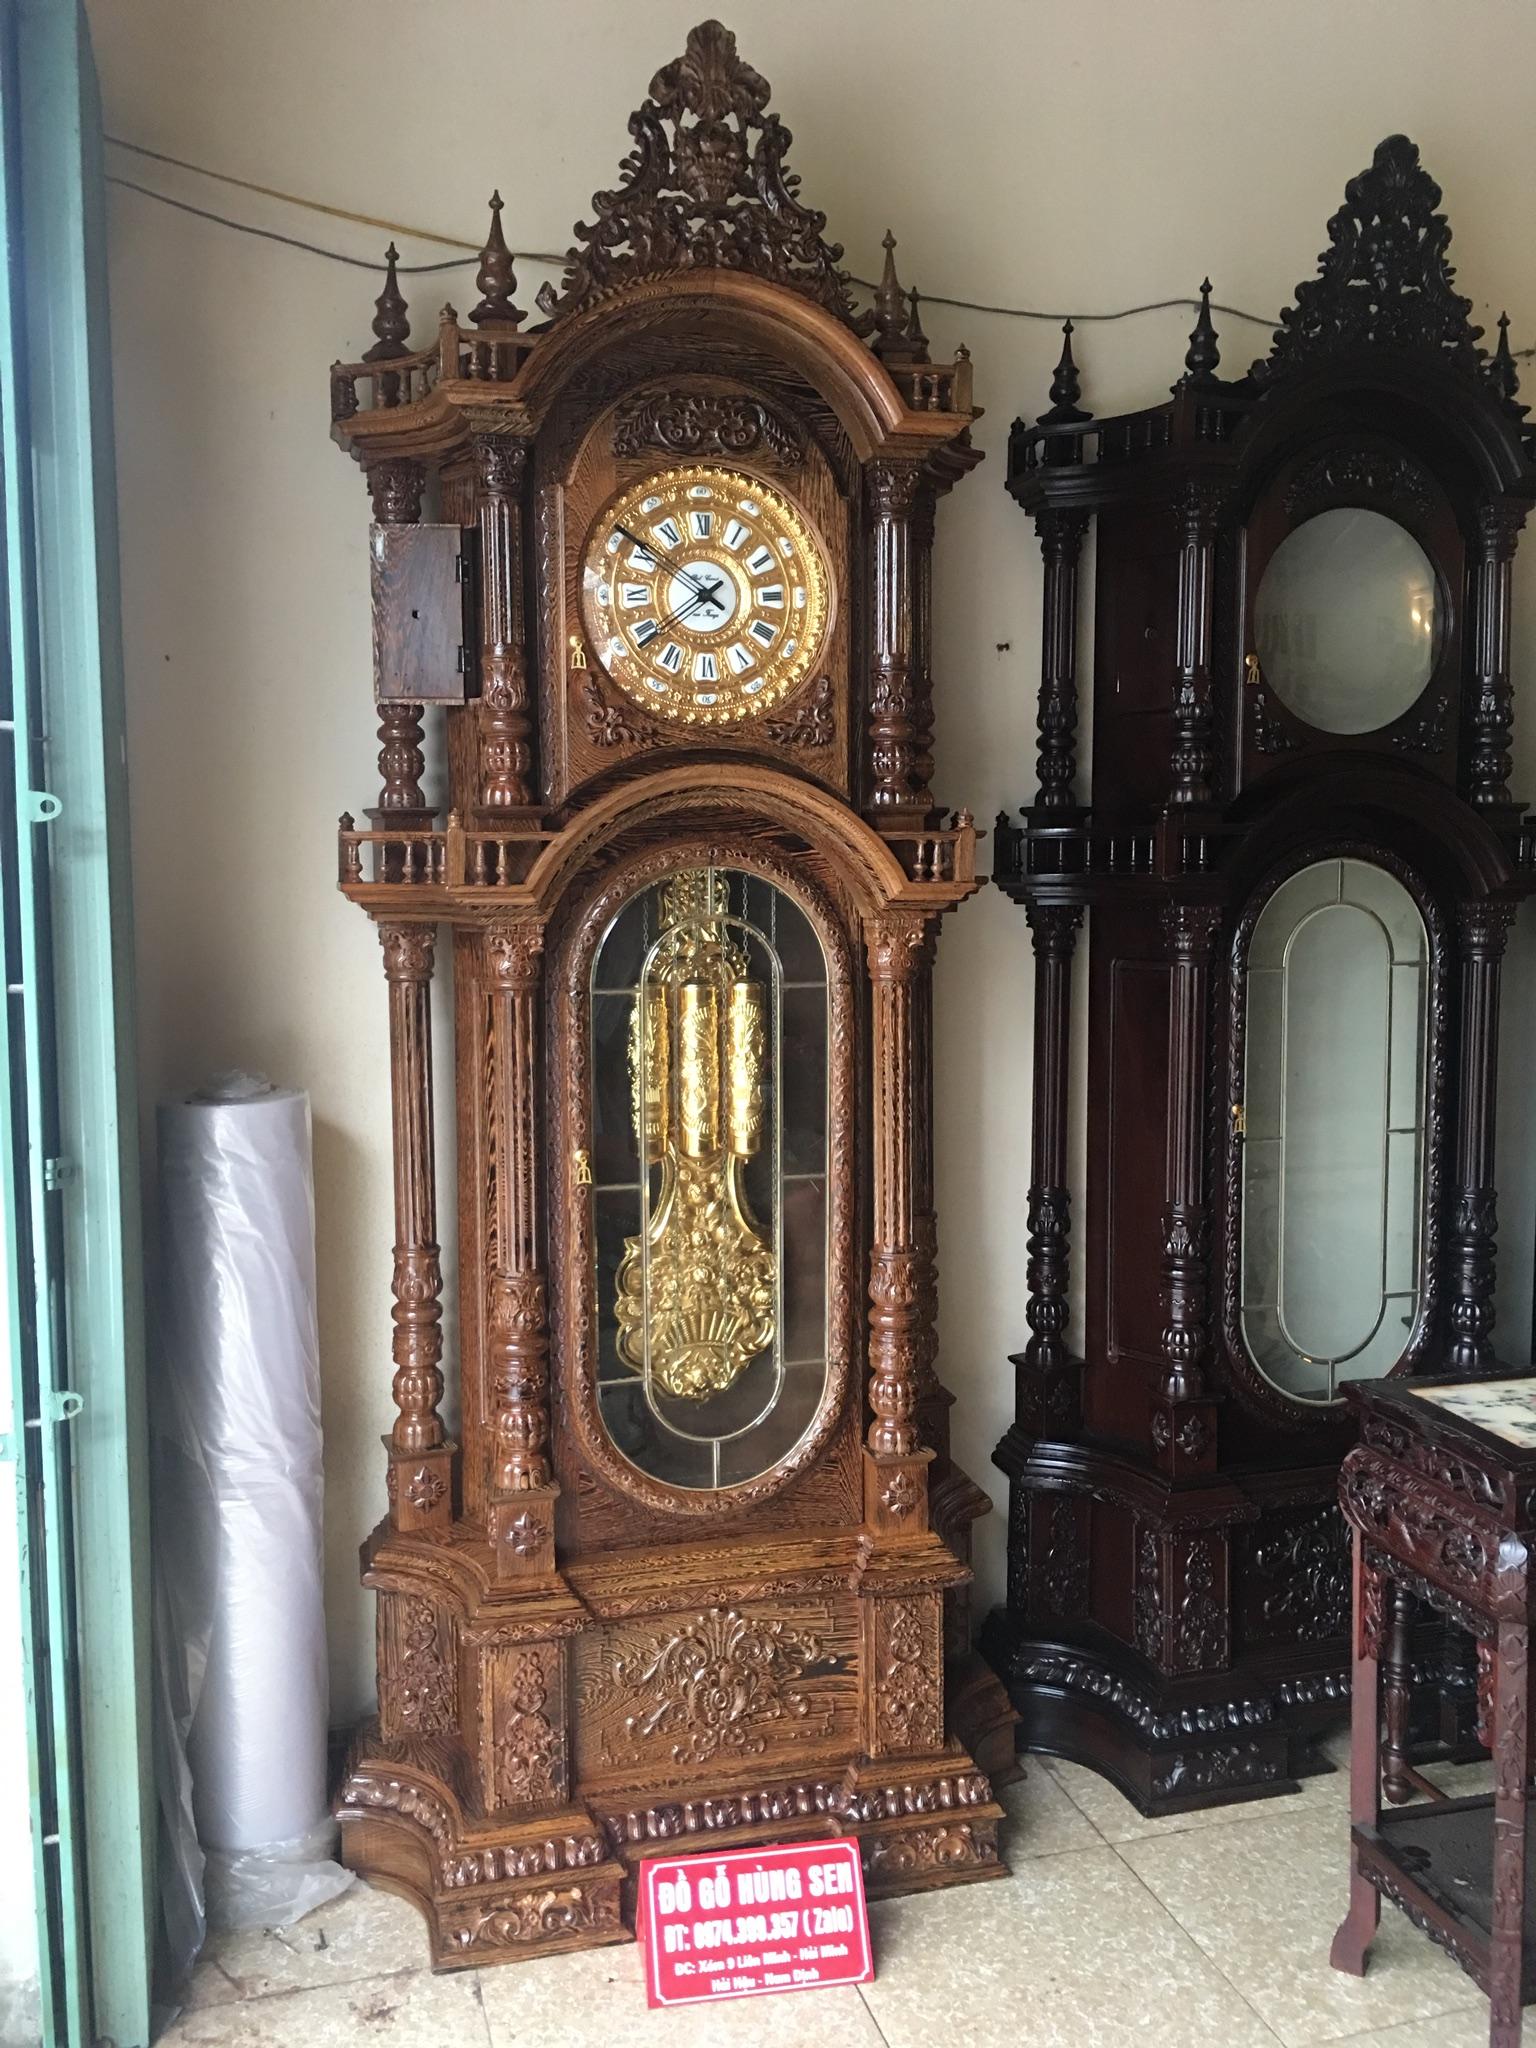 Đồng hồ cây hùng sen